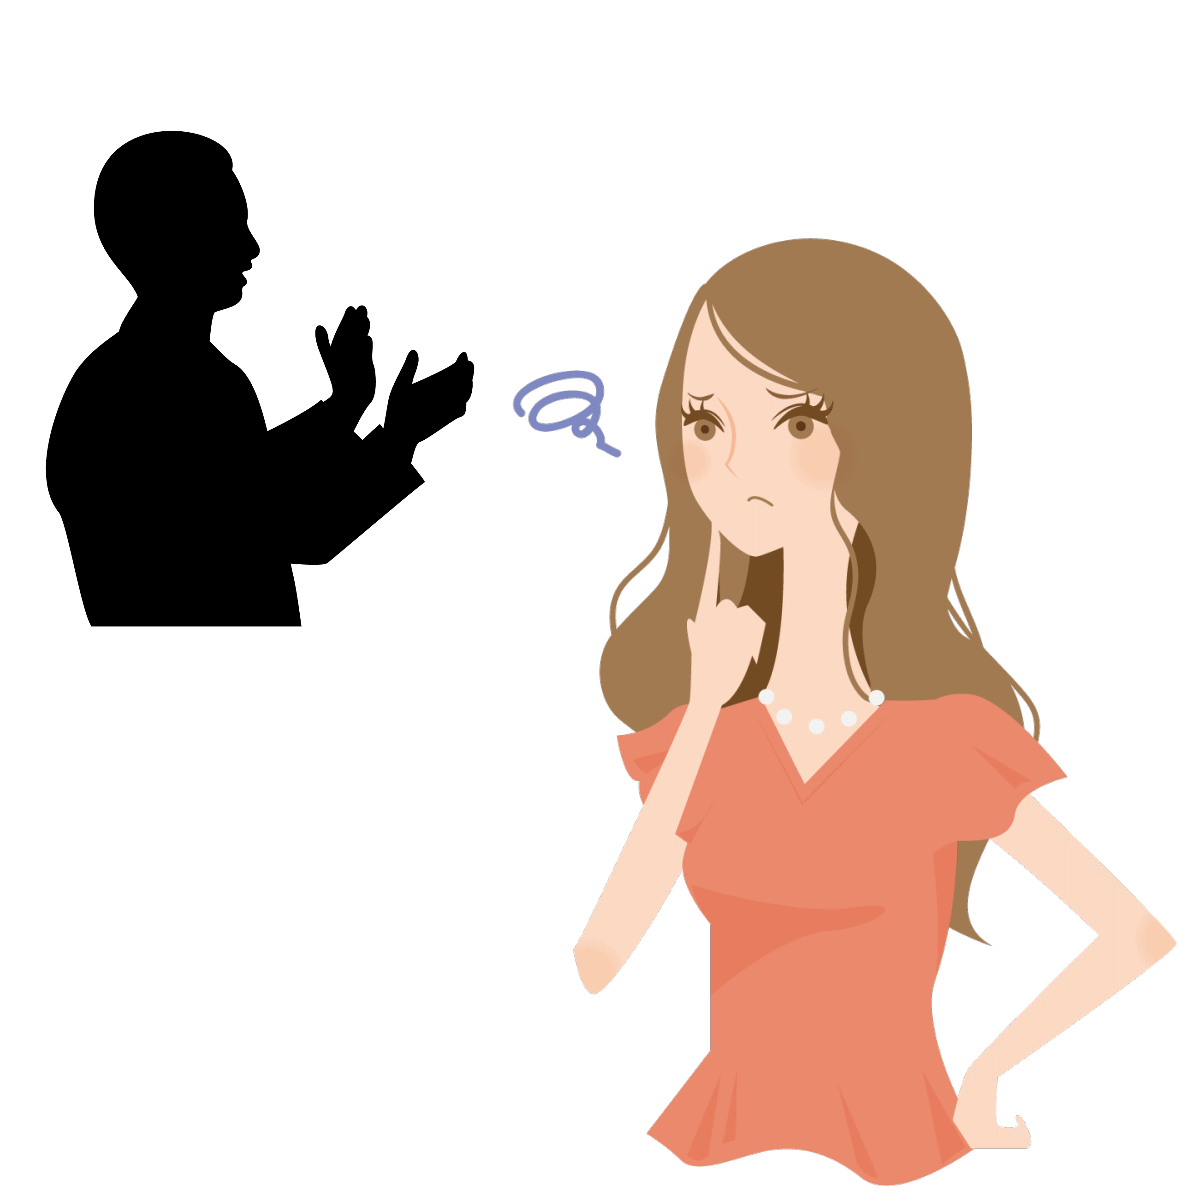 相手に意見が言えないという毒親育ちの女性の恋愛傾向を表すイラスト